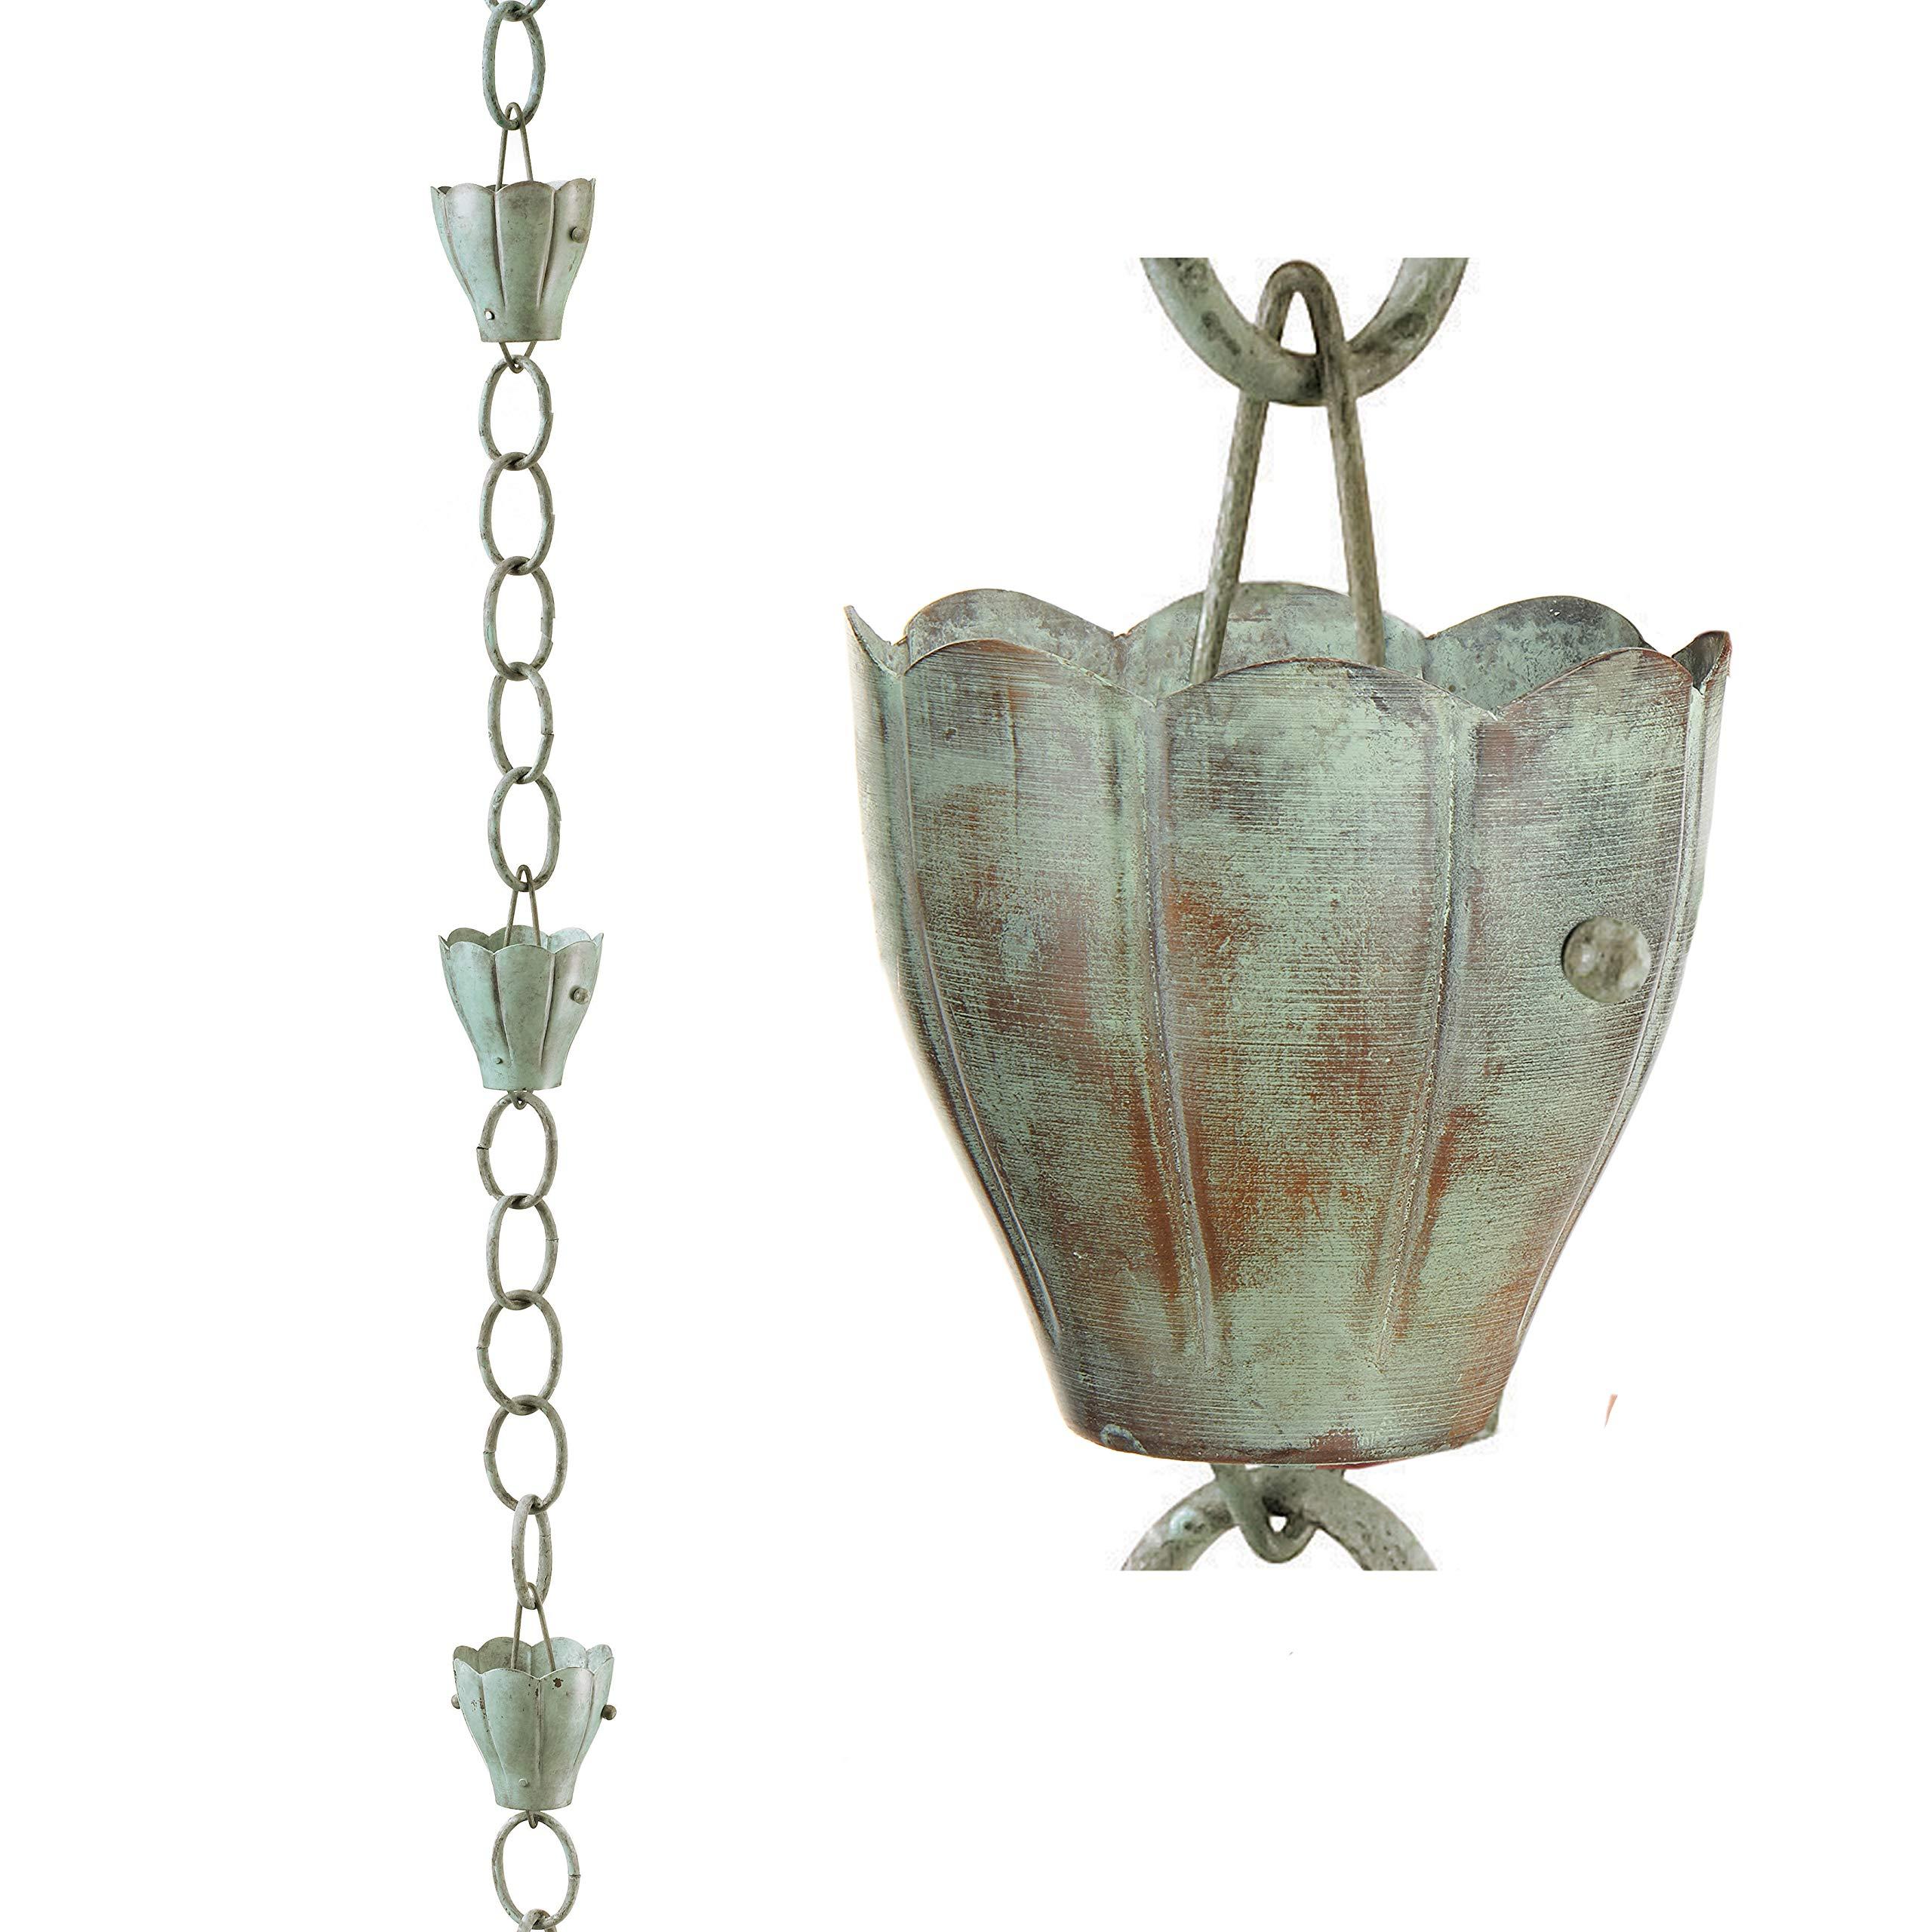 Good Directions 491V1-8 6 Cup Crocus Rain Chain, Blue Verde Copper